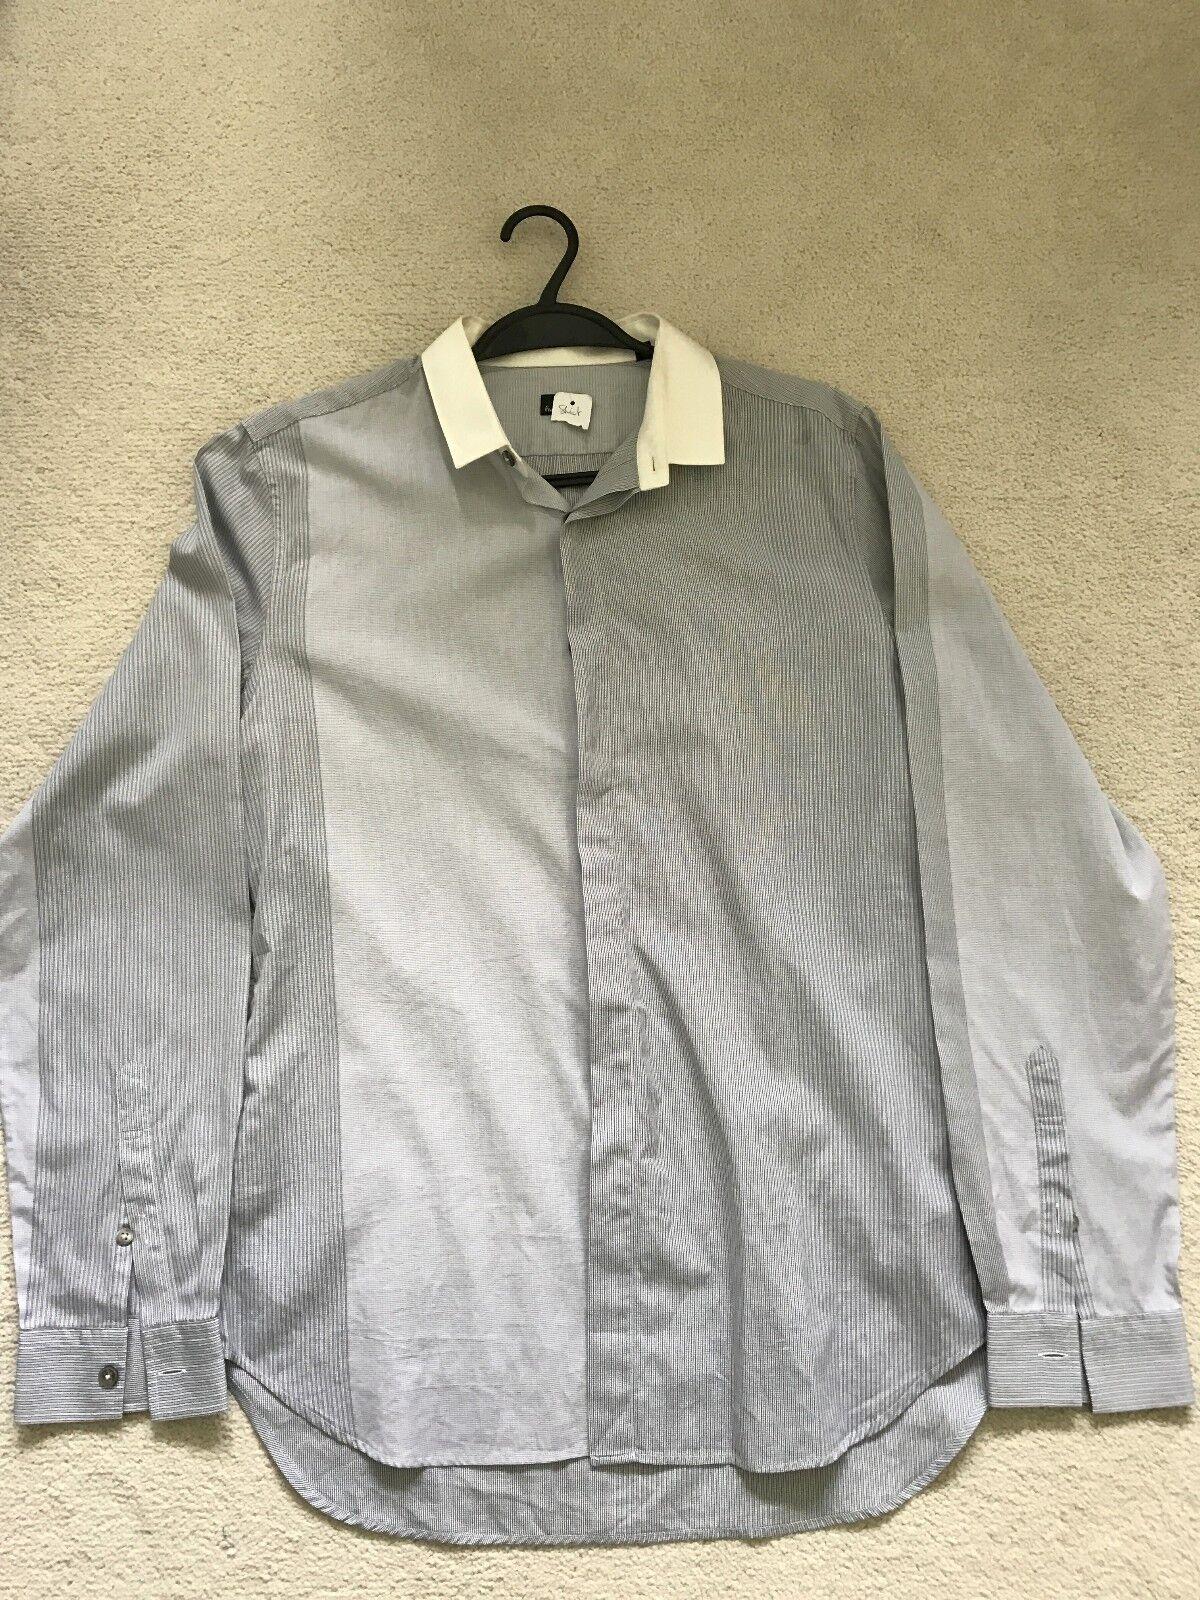 Paul Smith Ps Manica Lunga Contrasto con Motivo Camicia - M - p2p 50.8cm